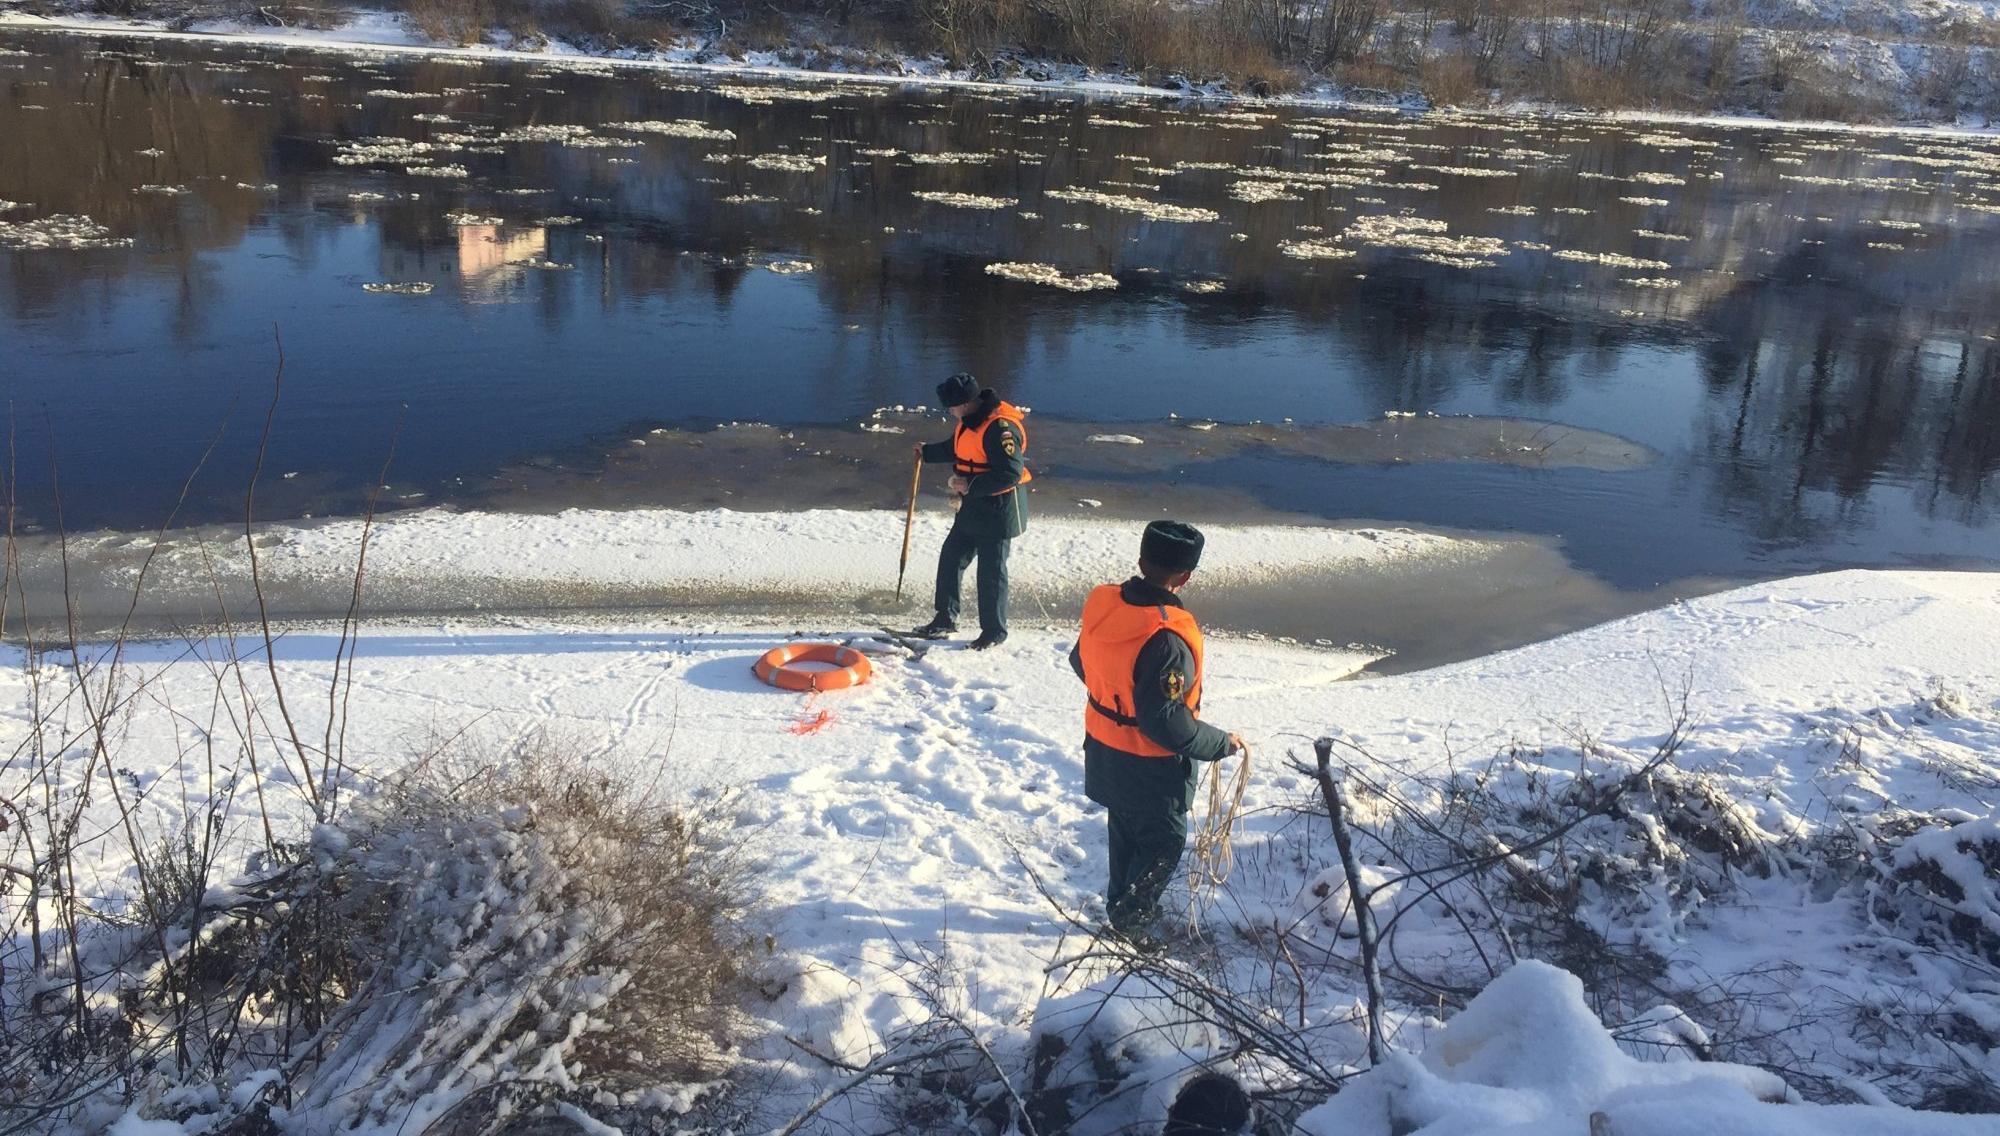 В Тверской области в озере утонул мужчина